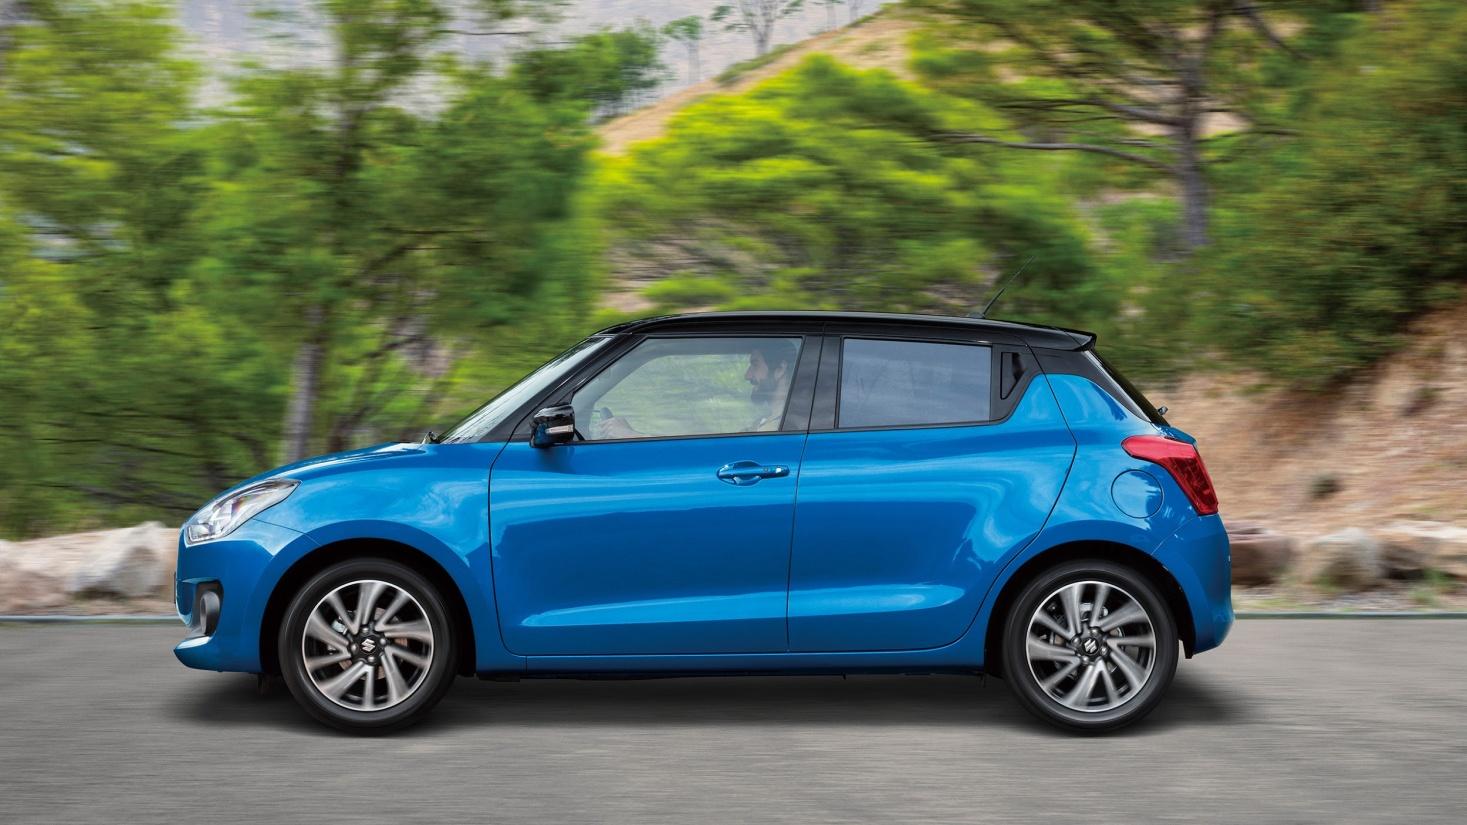 Suzuki Swift là một mẫu xe phong cách, thời trang, mang tính biểu tượng tại nhiều siêu đô thị năng động